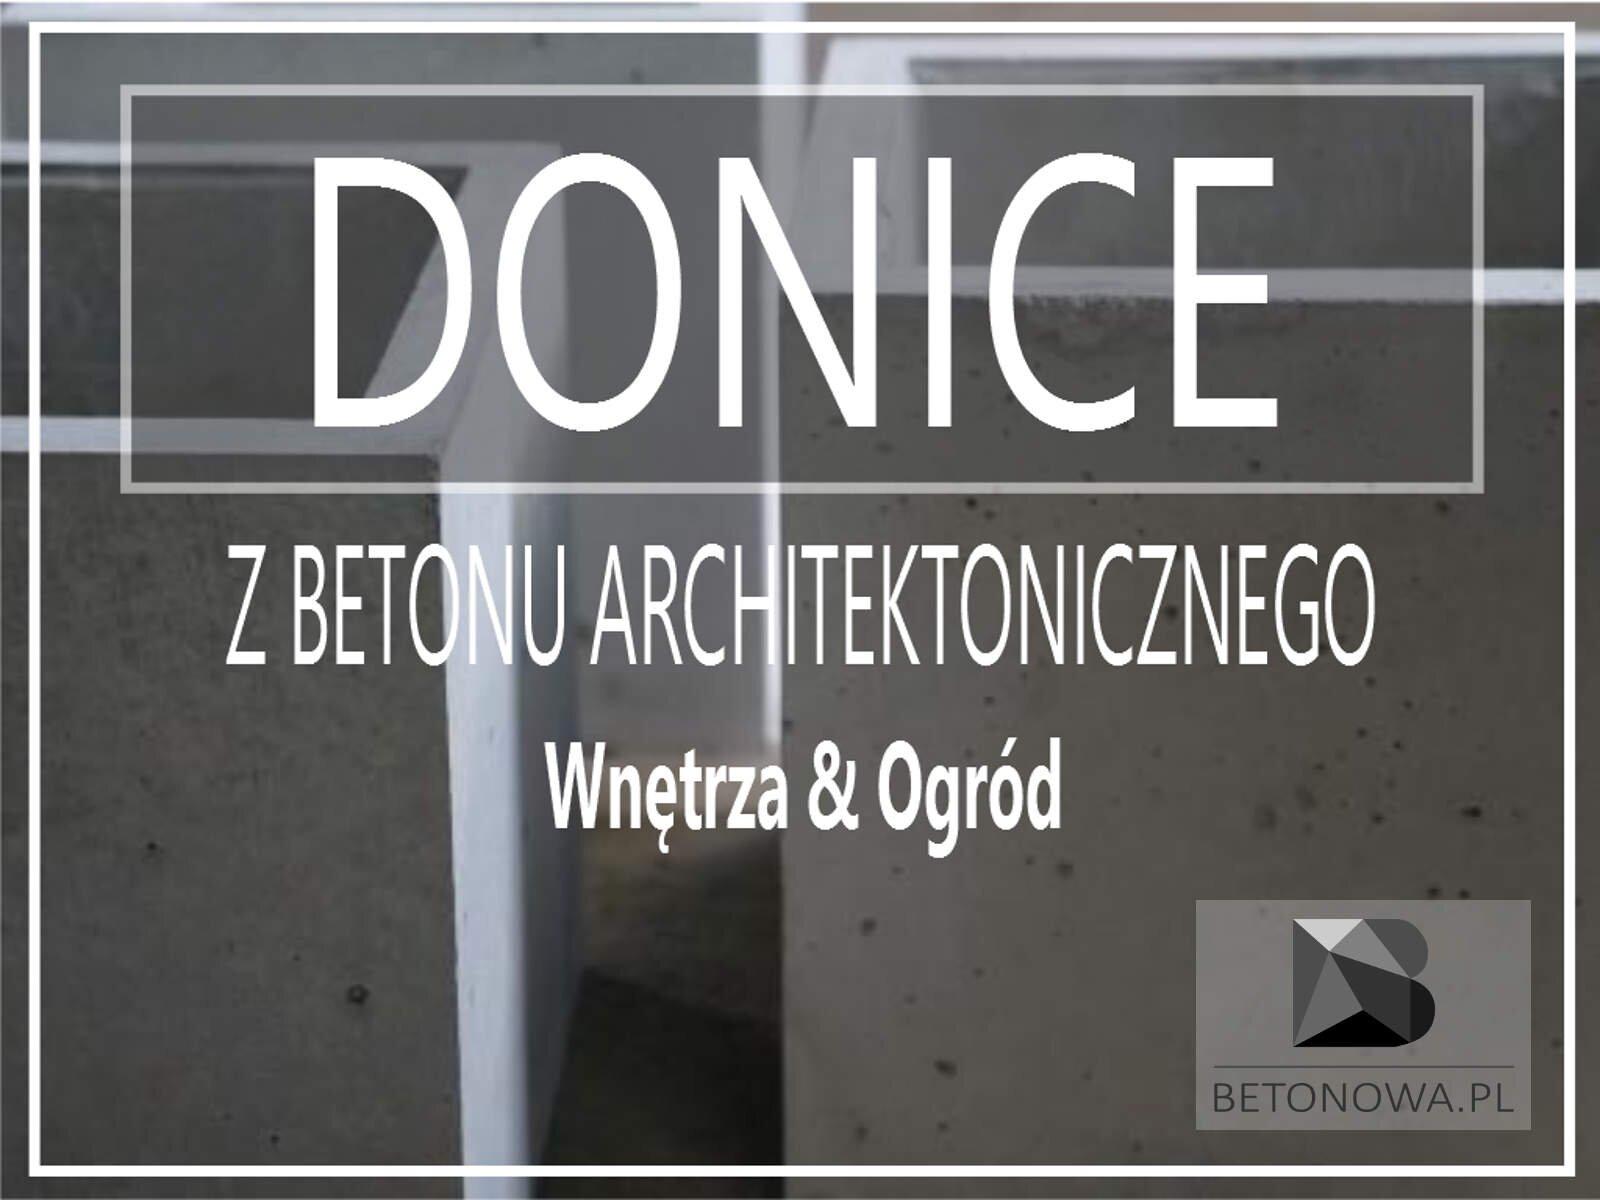 Donice Betonowe Beton Architektoniczny Na Wymiar